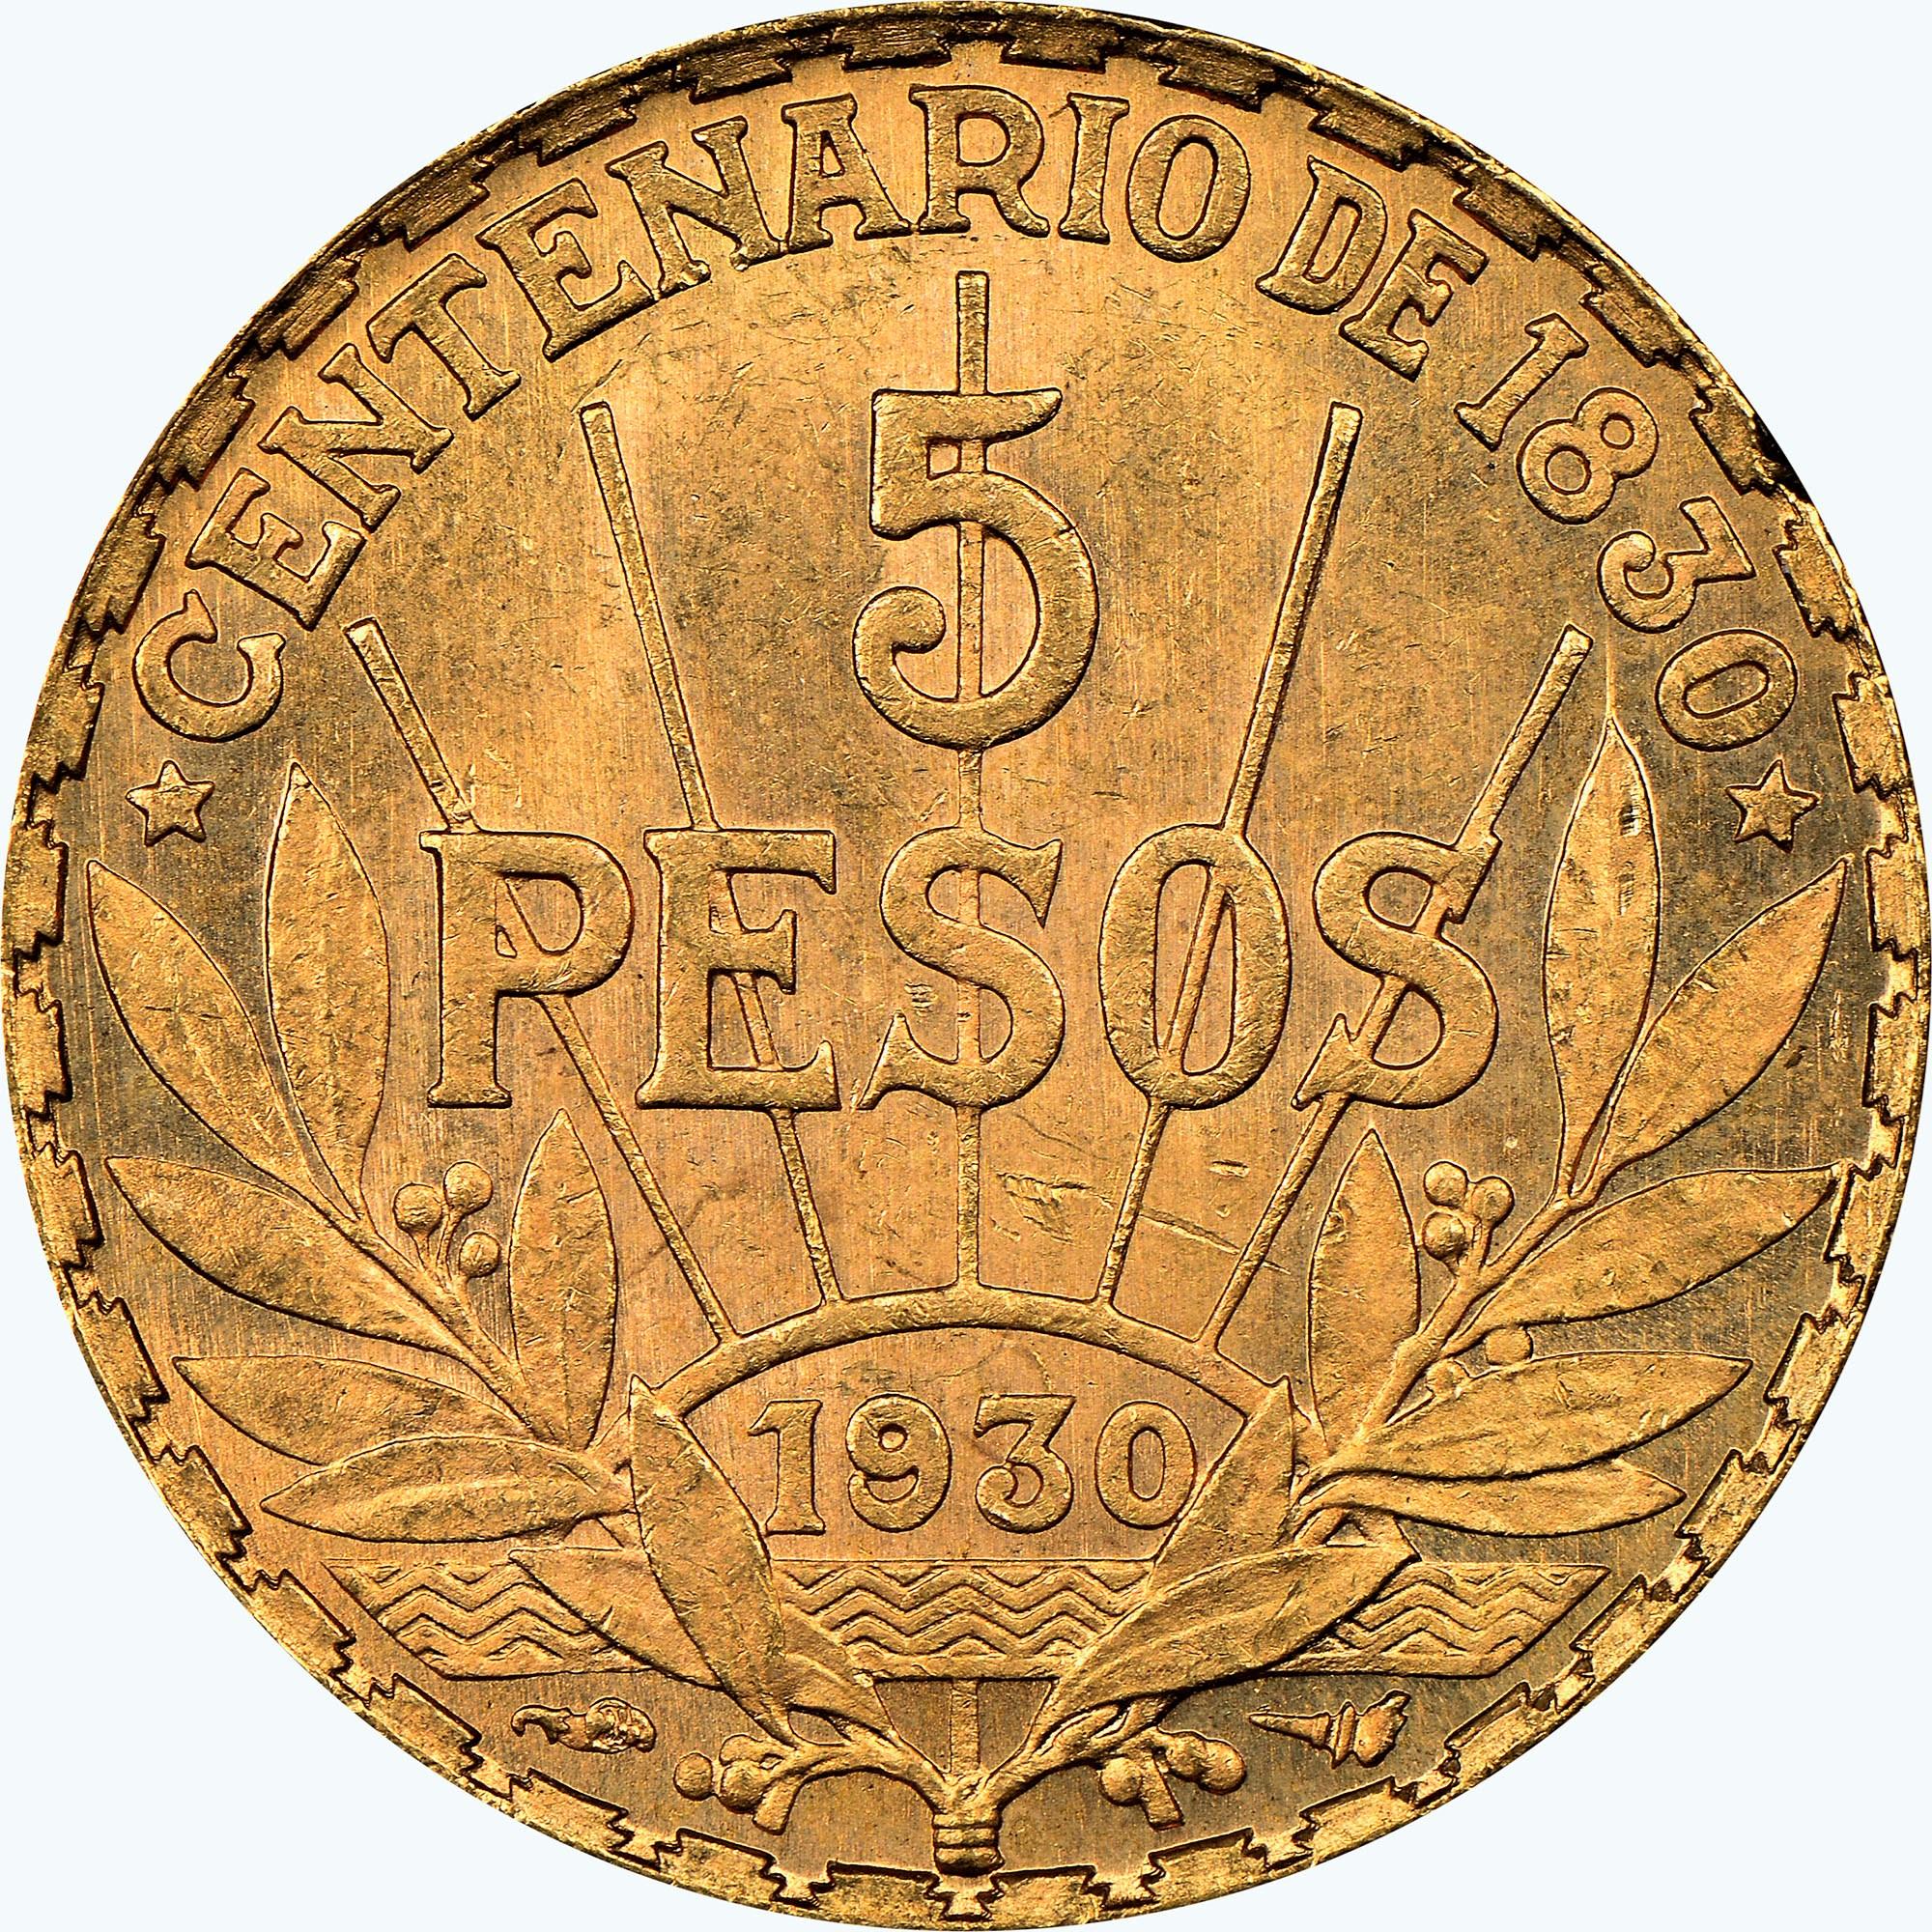 Uruguay 5 Pesos reverse